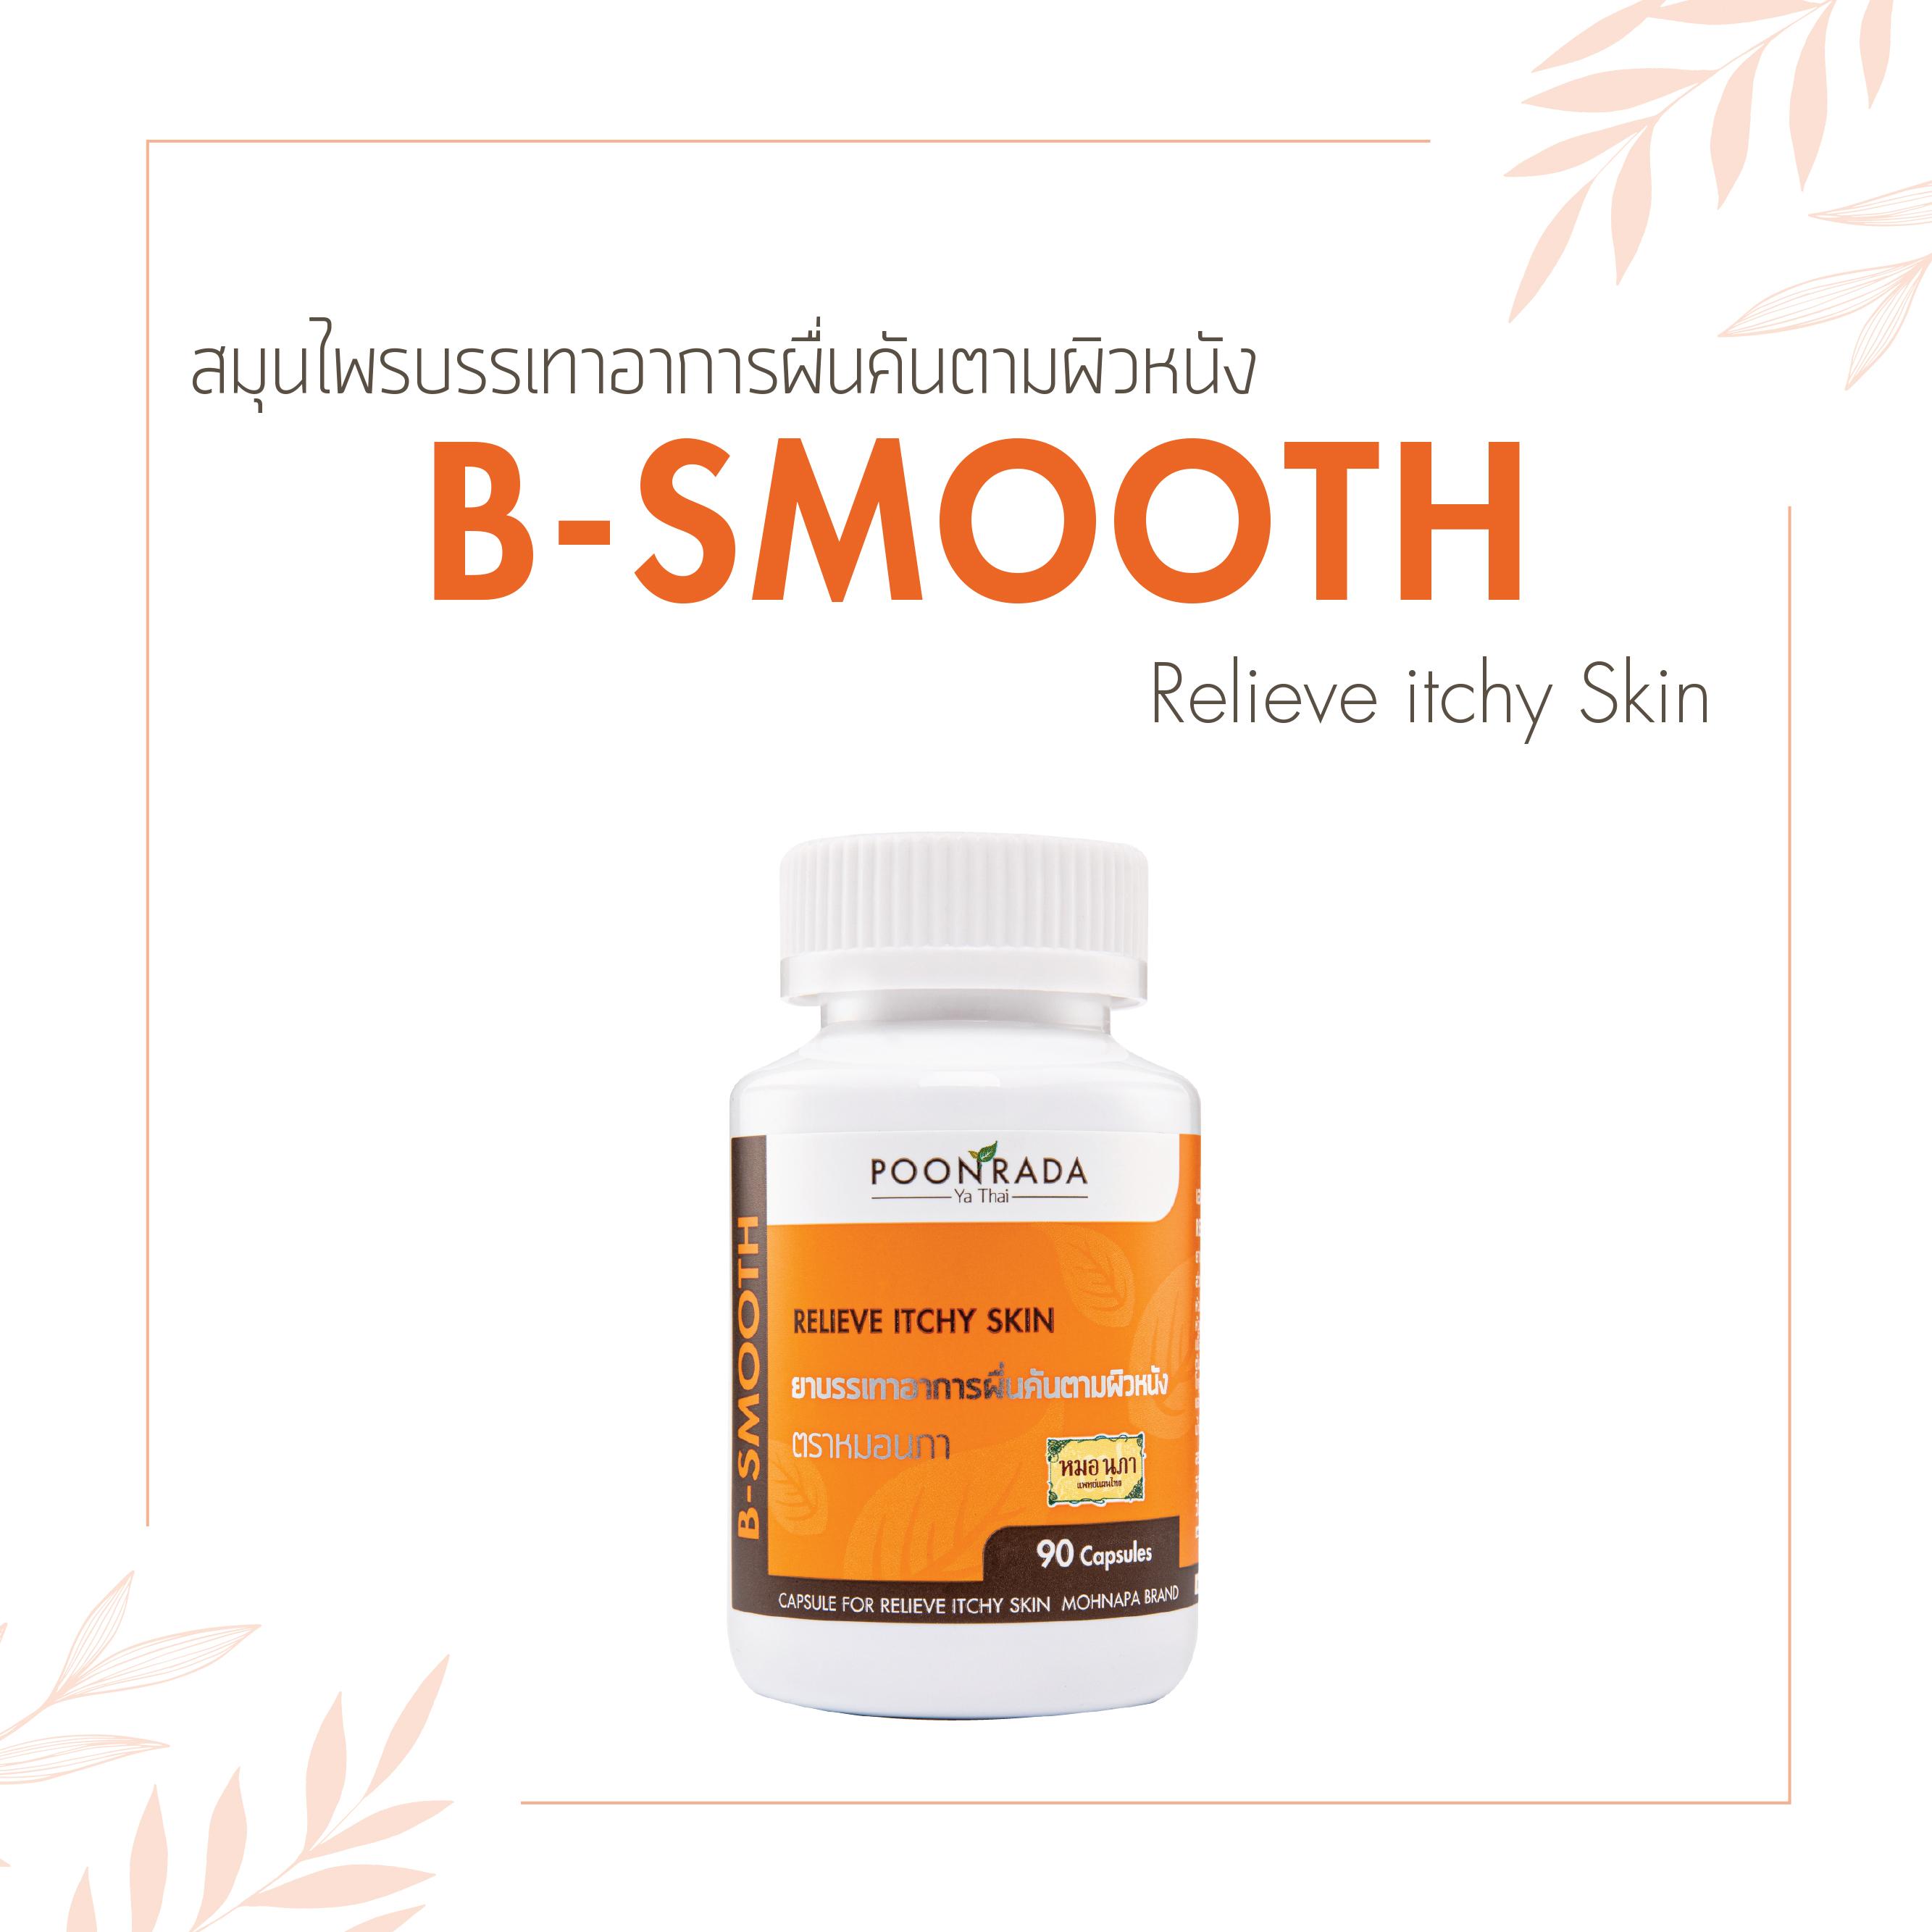 B-SMOOTH สมุนไพรรักษาอาการผื่นคัน